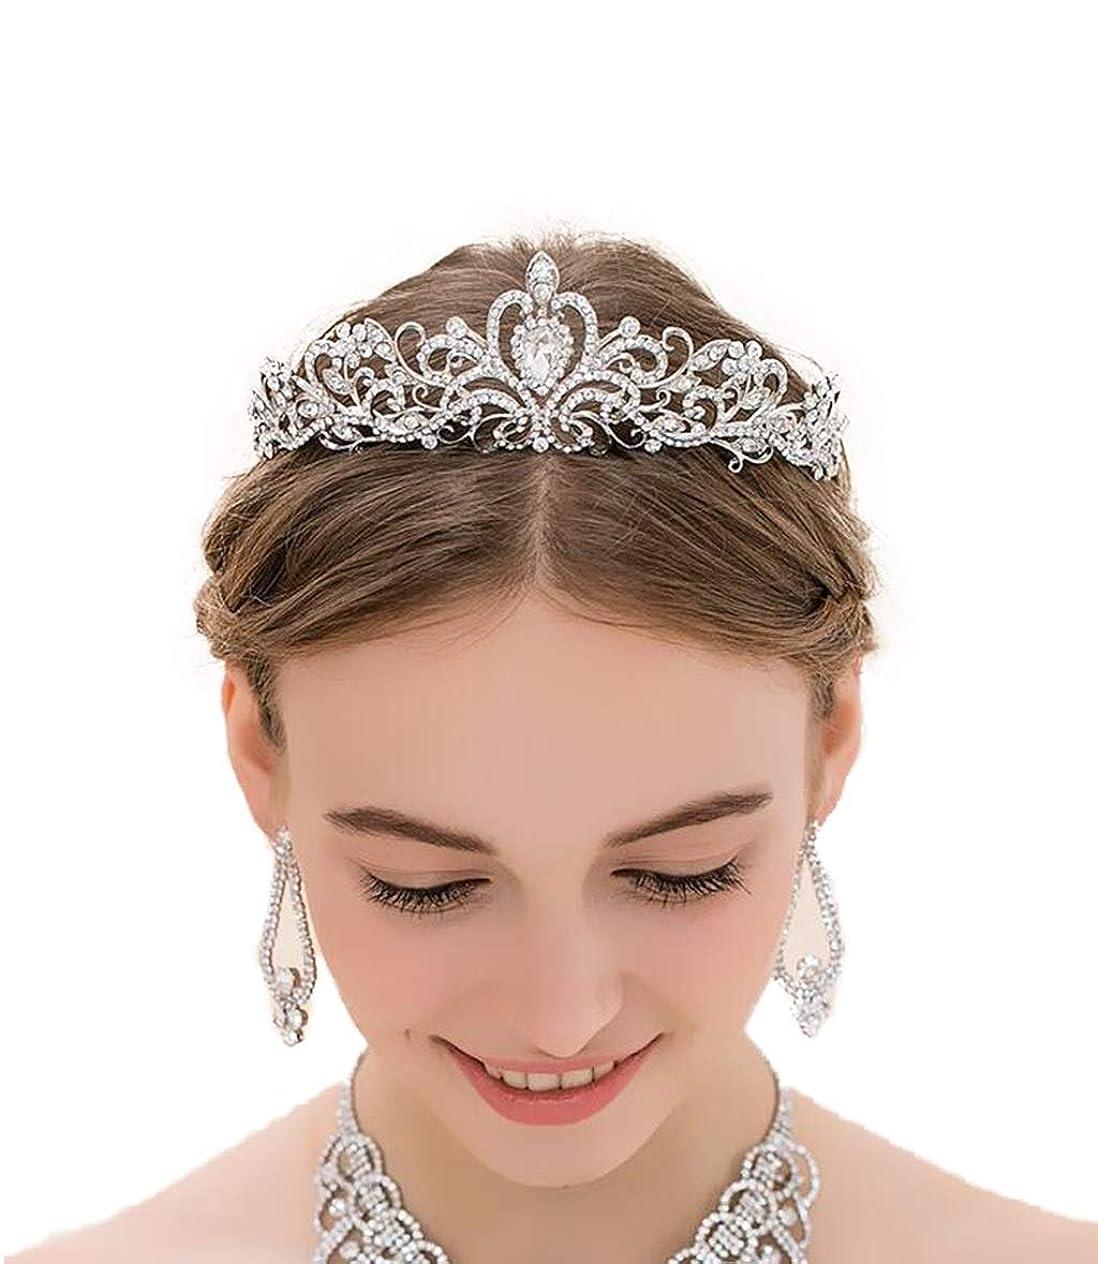 美しい同情横ヘアクラウンヘッドバンドラブレター花嫁のヘアアクセサリーヘッドドレスパーティーフェスティバルラインストーンクラウン (色 : A)